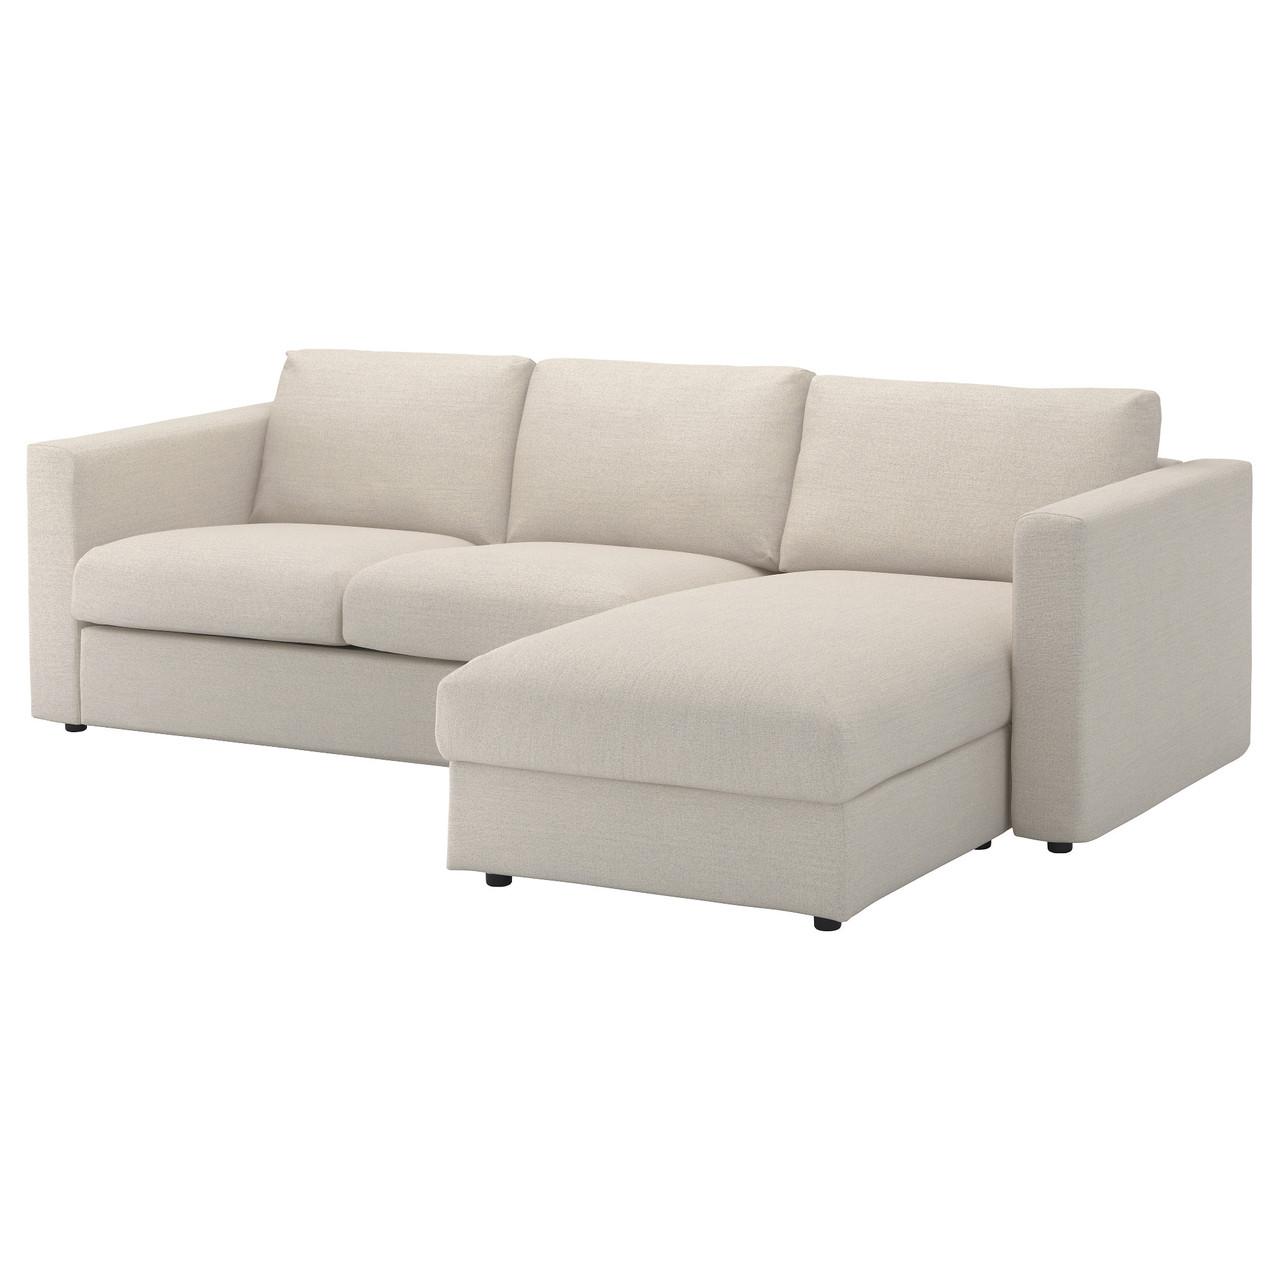 ВИМЛЕ 3-местный диван, с козеткой, Гуннаред бежевый